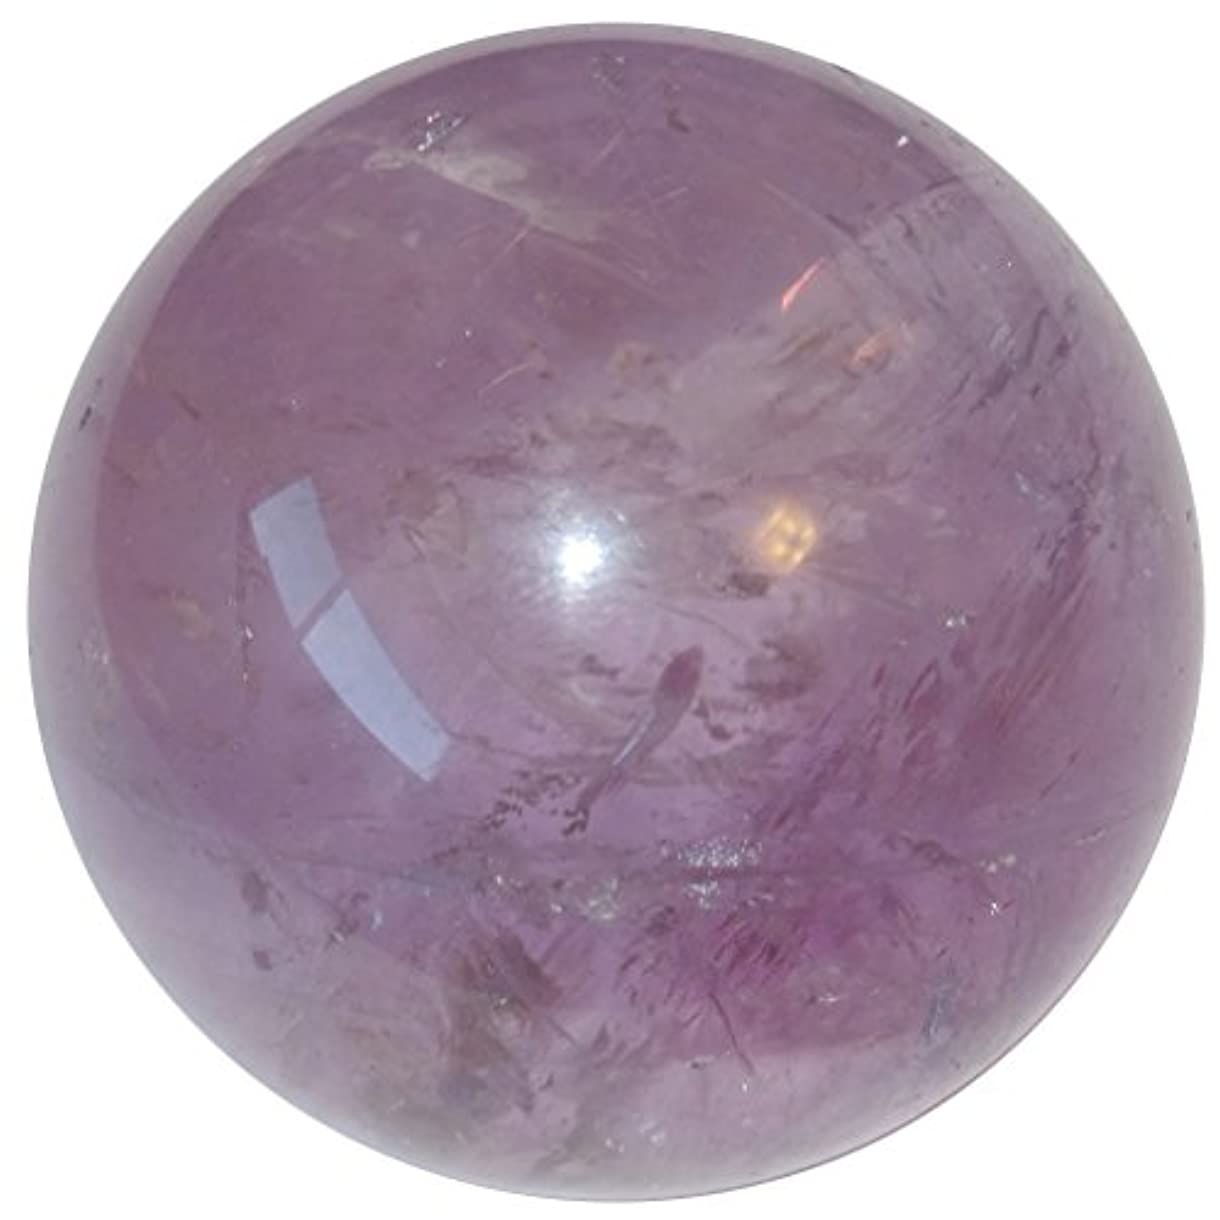 おとうさんリハーサル海外サテンクリスタルアメジストボールプレミアムクリアパープルバイオレットレインボー球SpiritualエネルギーHealing Stoneブラジルp08 1.8 Inches パープル amethystball08-1.8